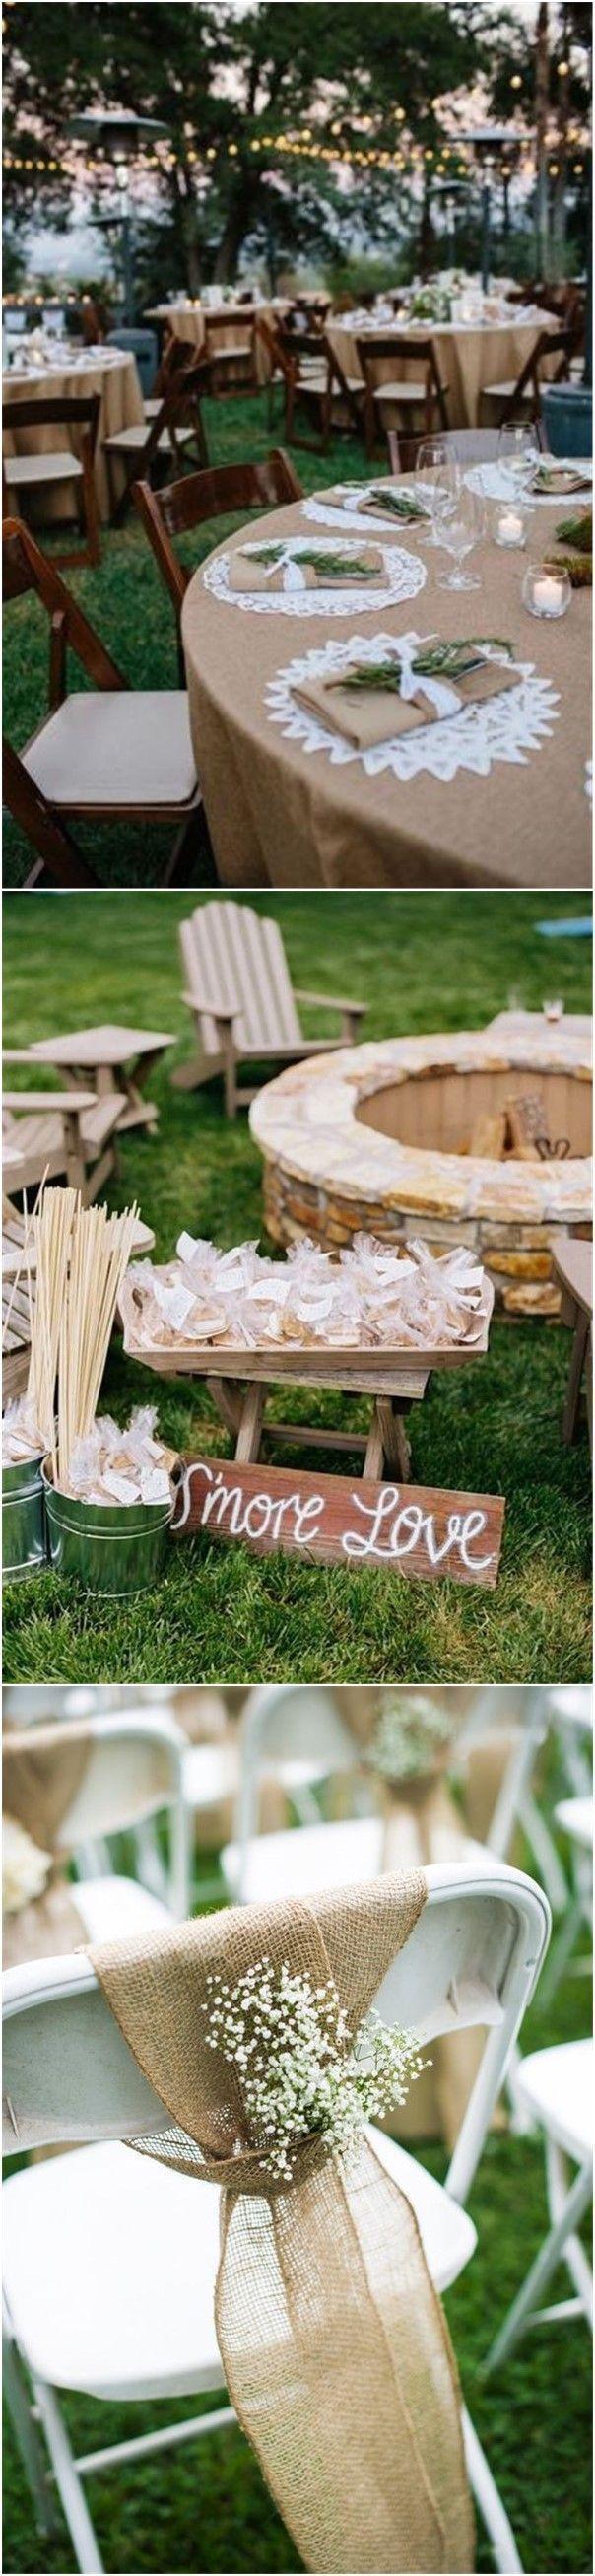 Best 25 cheap backyard wedding ideas on pinterest cheap for Backyard wedding decoration ideas on a budget